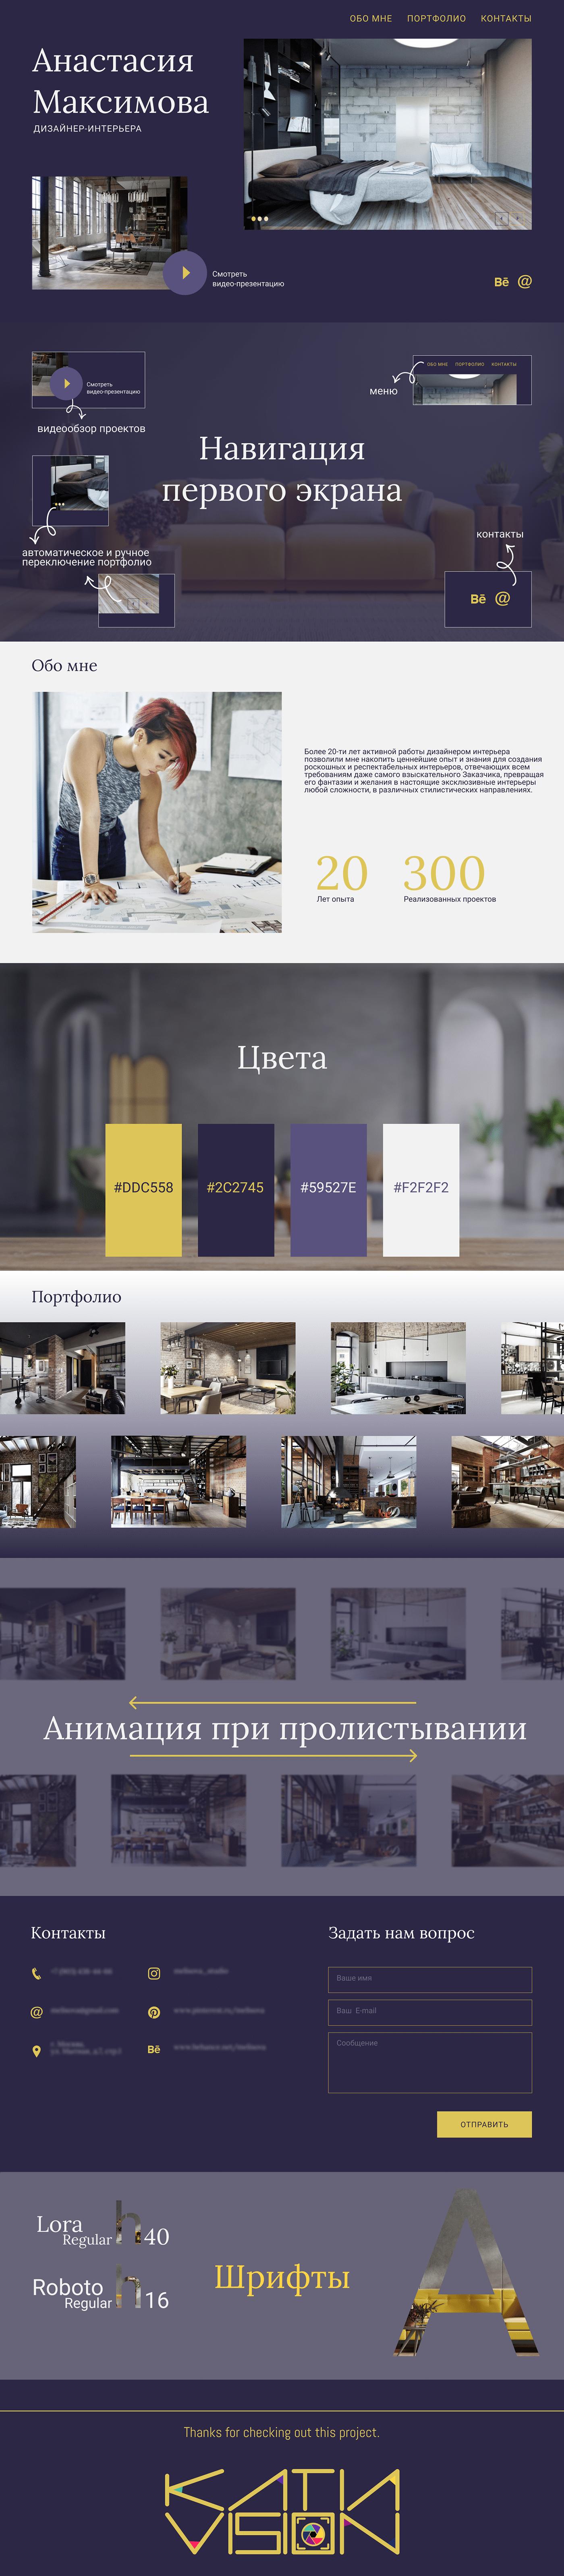 Figma tilda дизайн идея красиво макет Макетсайта сайт